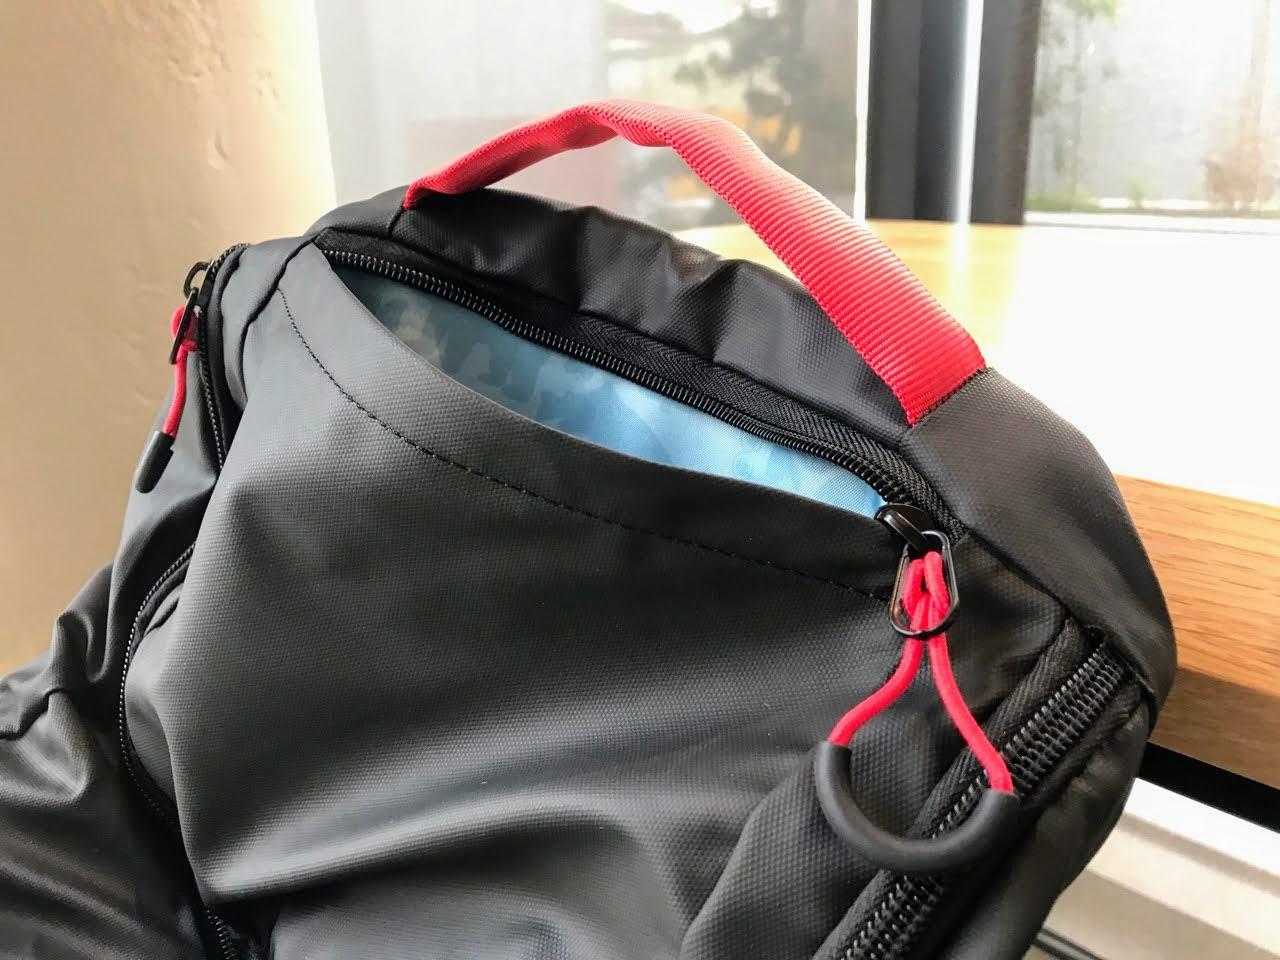 【好物推薦】INUK 極地冒險 Aurlands BK 日本限定款 超大容量28L後背大包 低調有型好穿搭